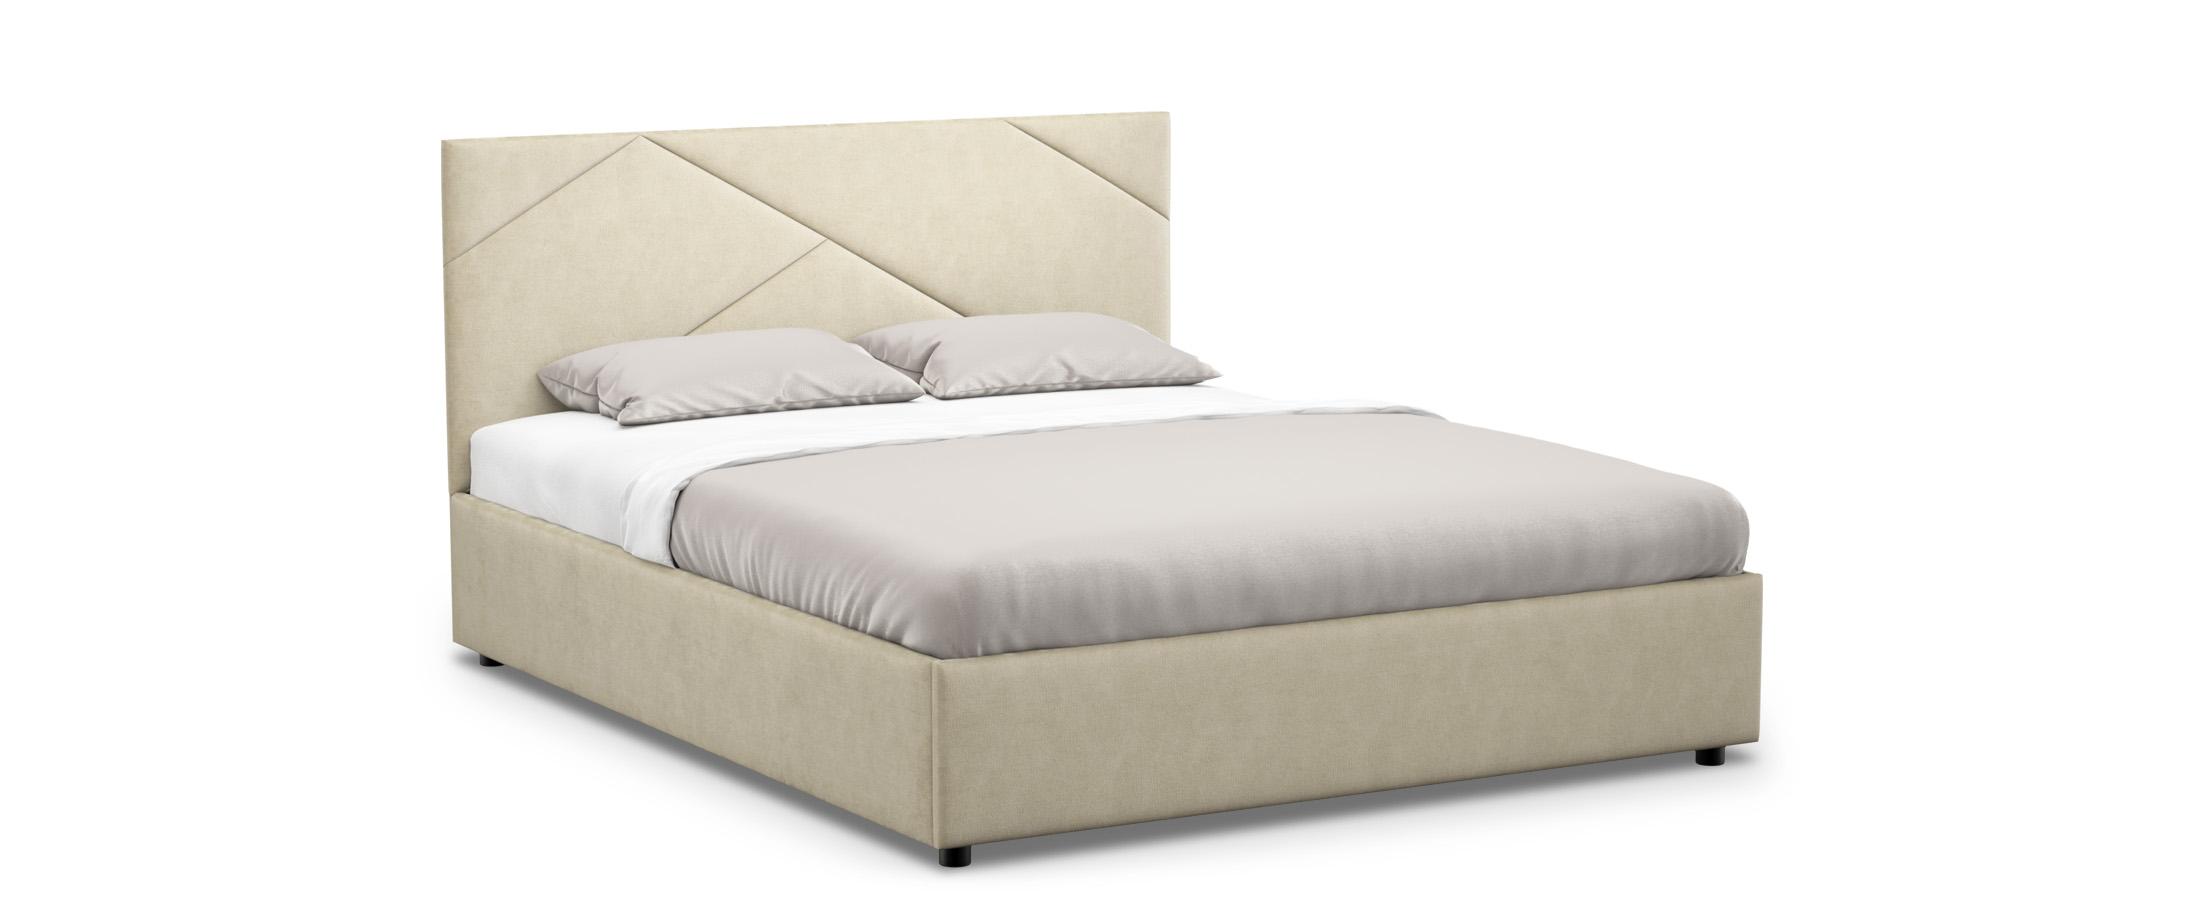 Кровать двуспальная Alba New 160х200 Модель 1226 фото